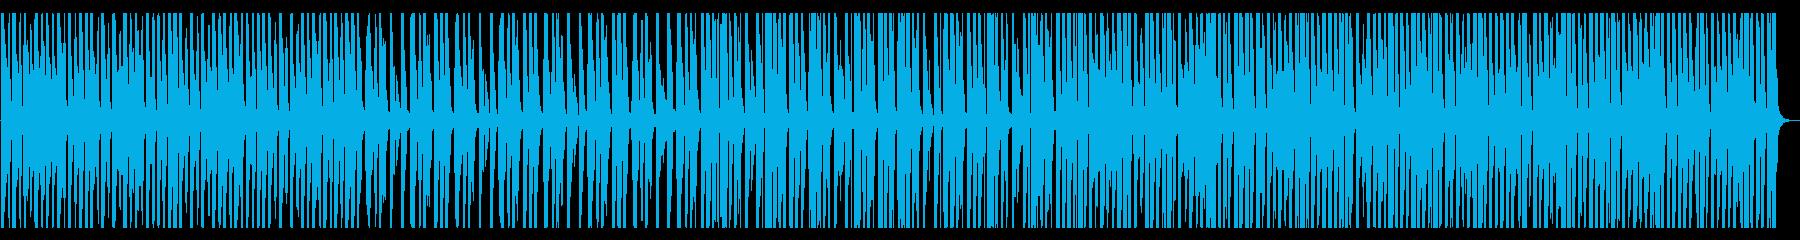 コミカル/かわいい/ハウスNo432_2の再生済みの波形